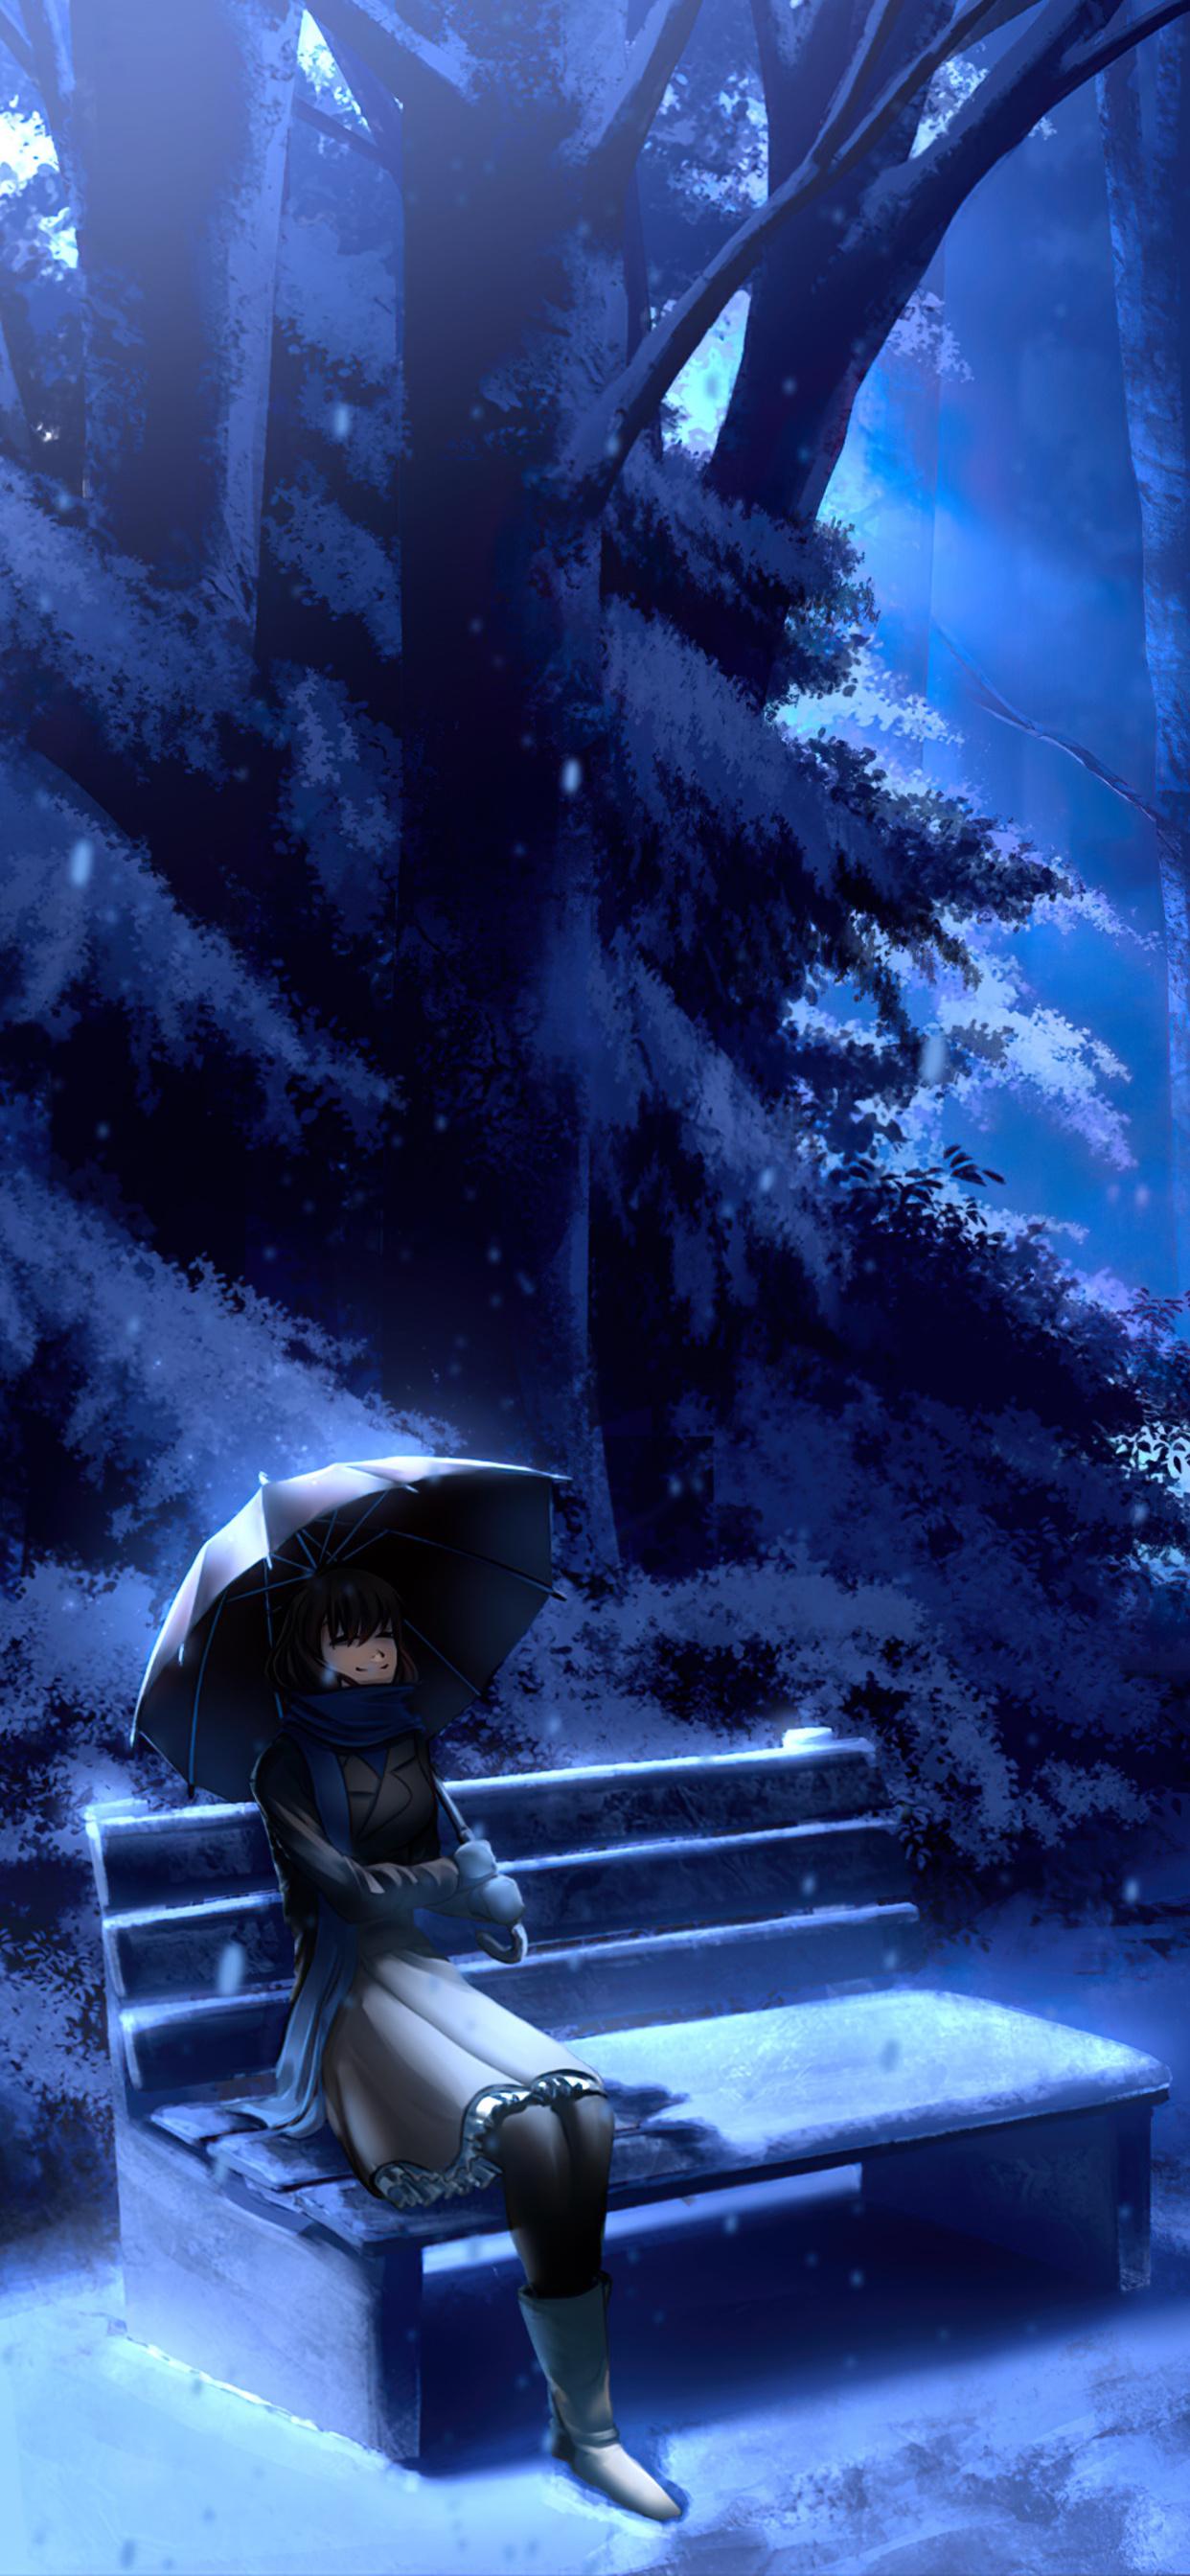 winter-stillness-4k-ok.jpg